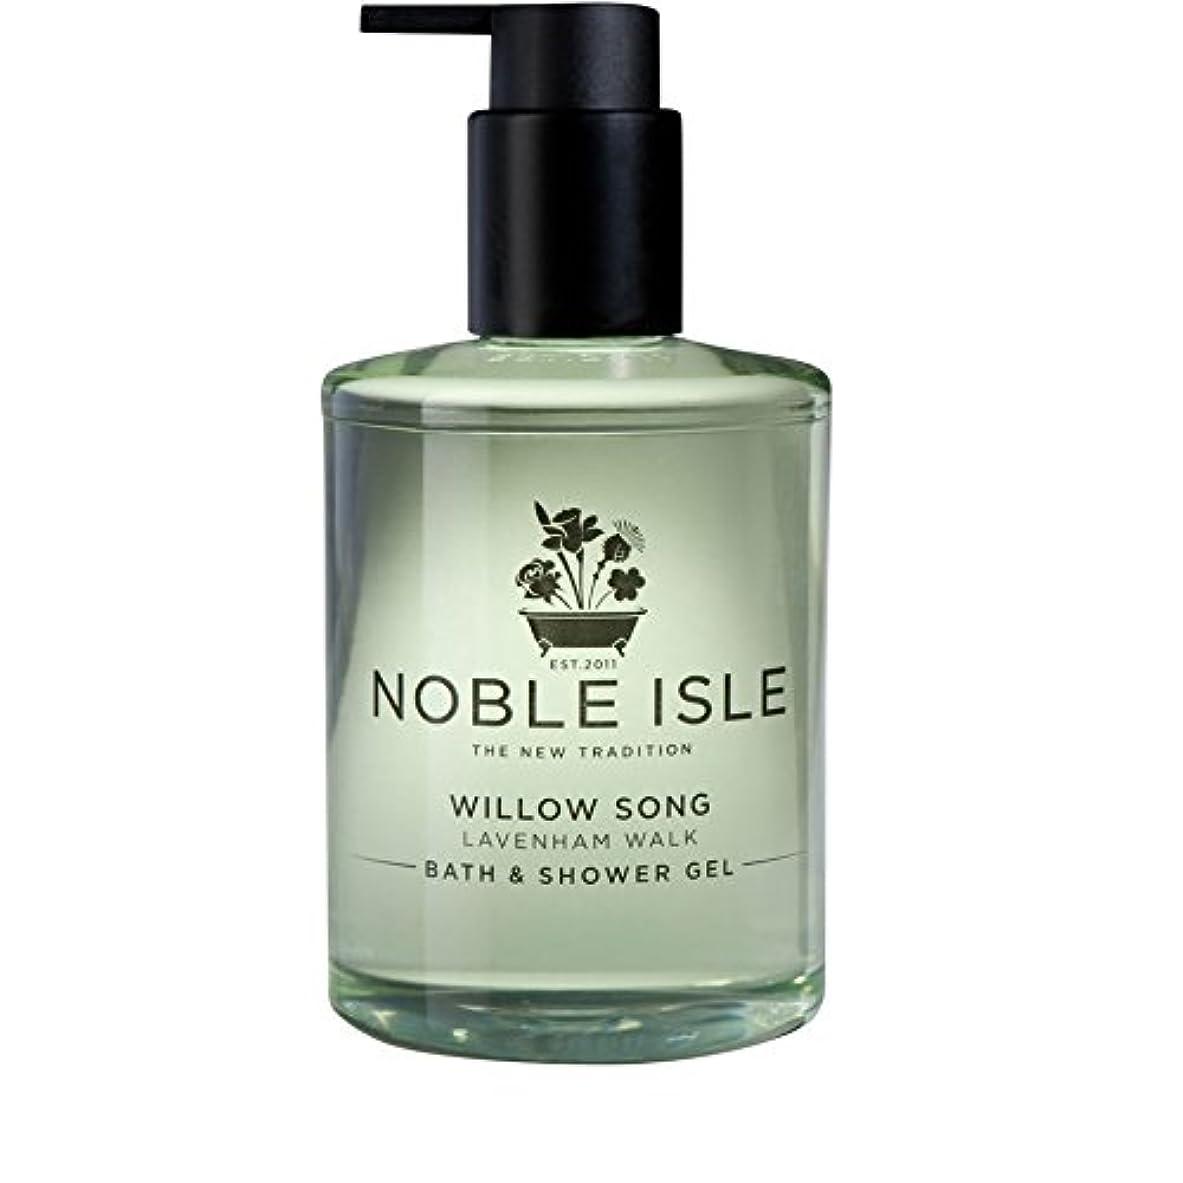 五月バイアスなめらかなNoble Isle Willow Song Lavenham Walk Bath and Shower Gel 250ml - 高貴な島柳の歌ラヴァンハム徒歩風呂とシャワージェル250ミリリットル [並行輸入品]